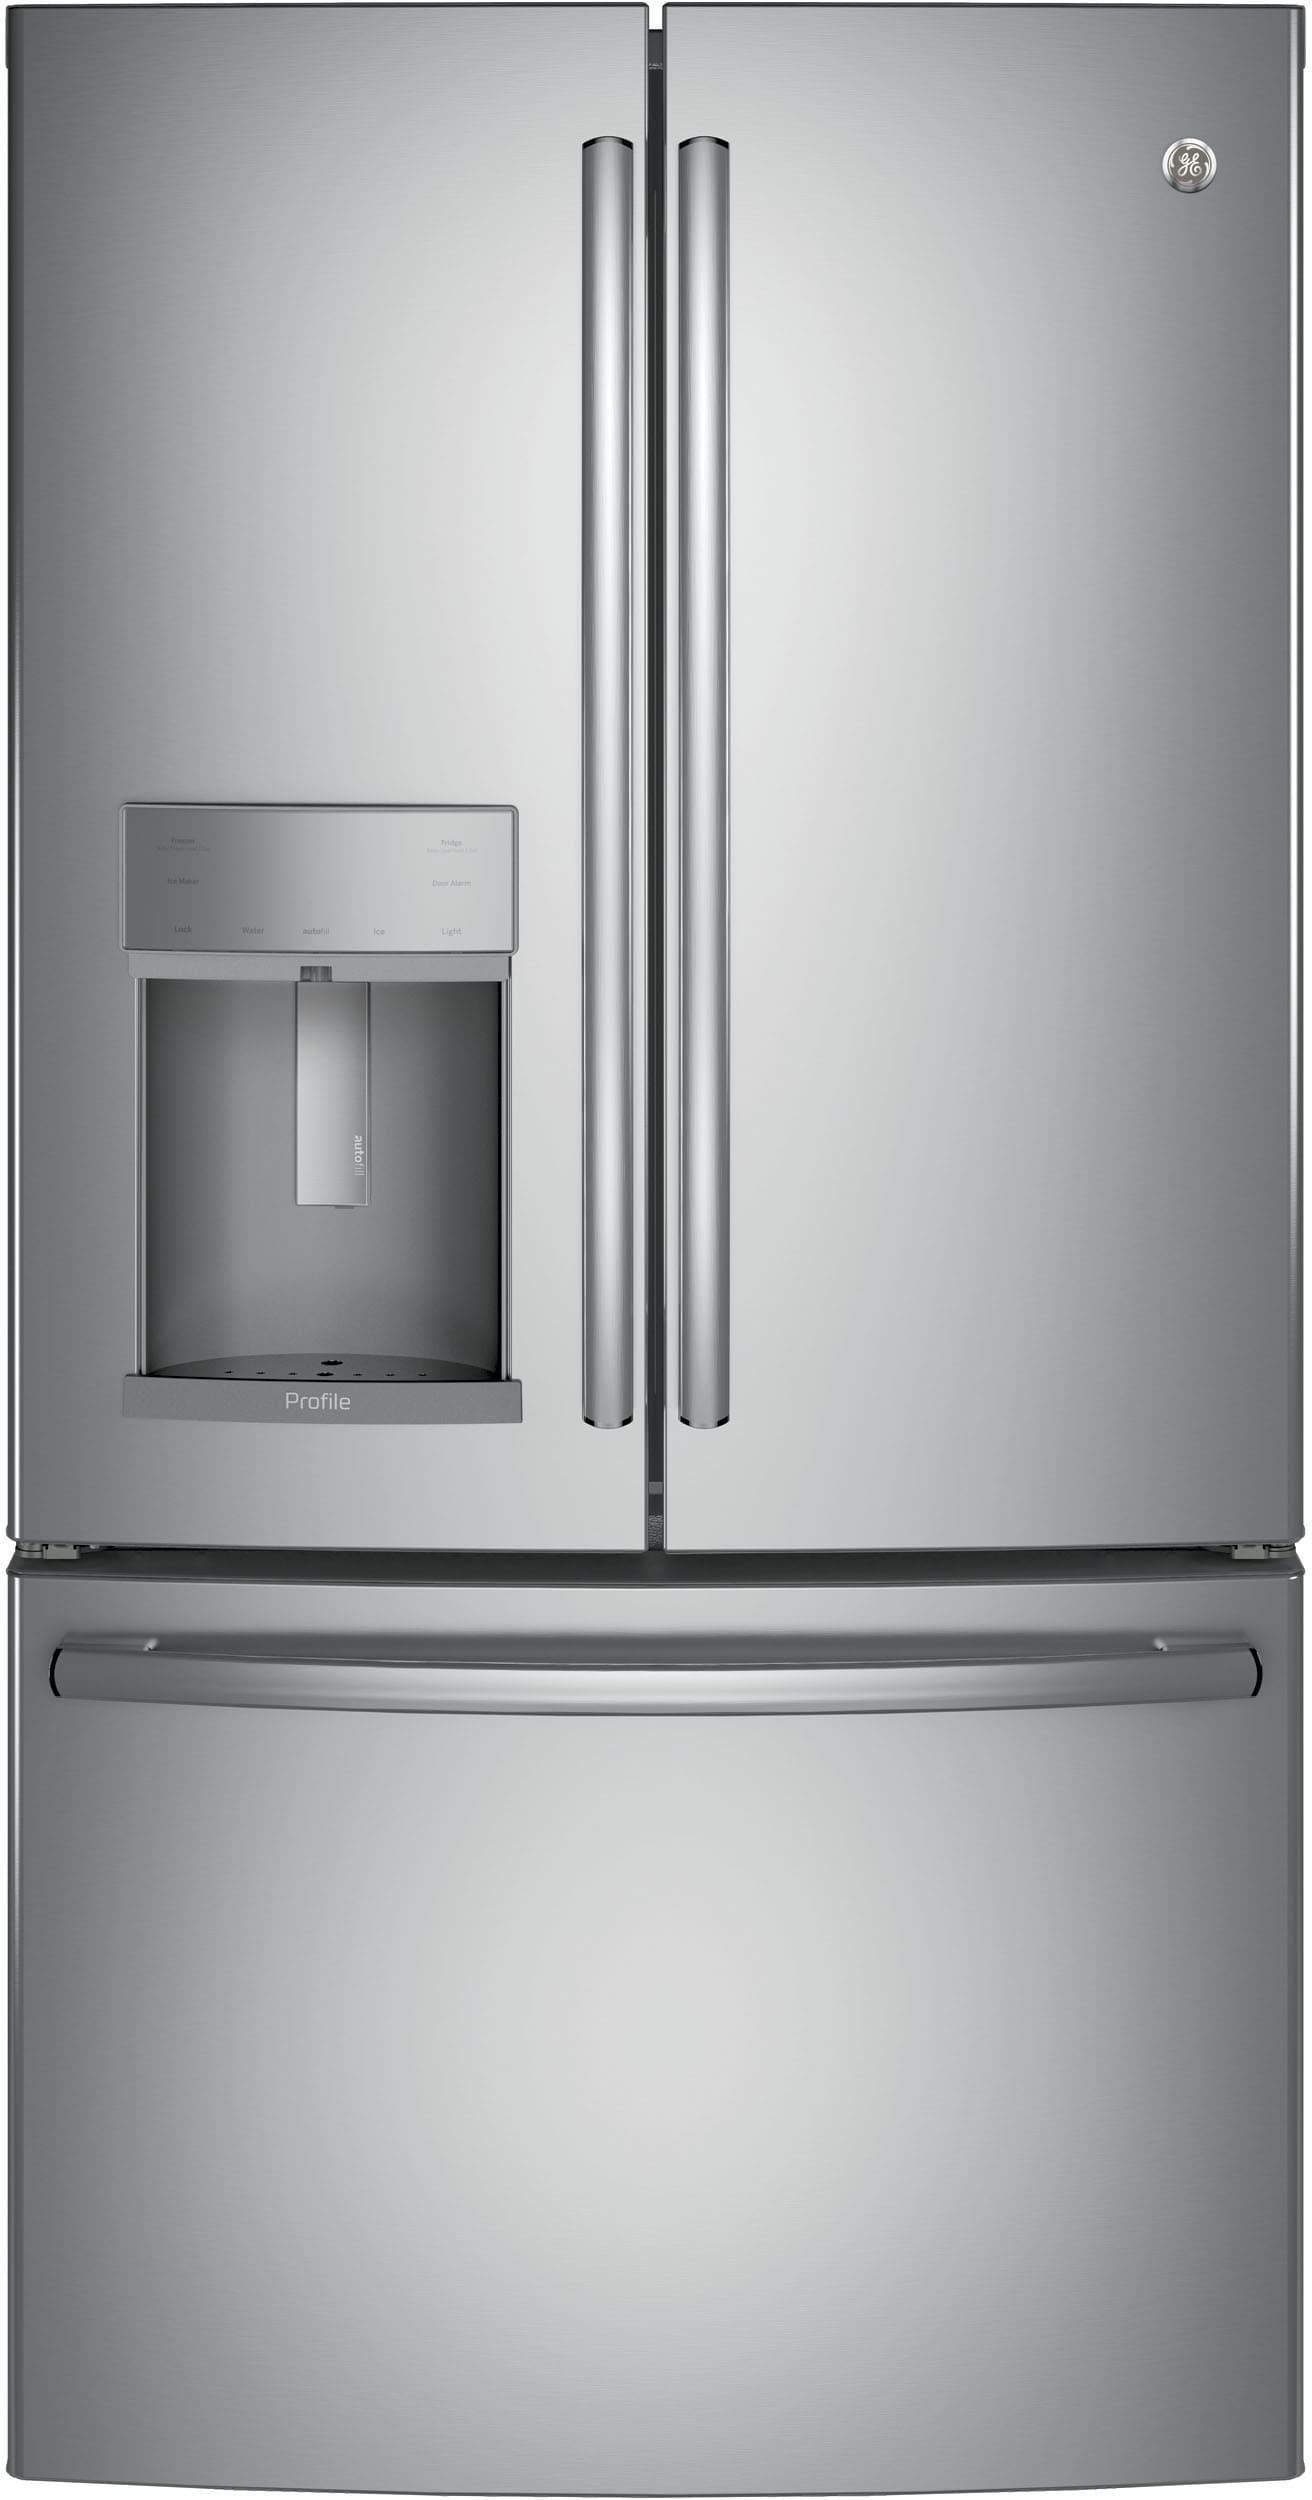 Top 5 Best Ge French Door Refrigerators In 2018 Aj Madison